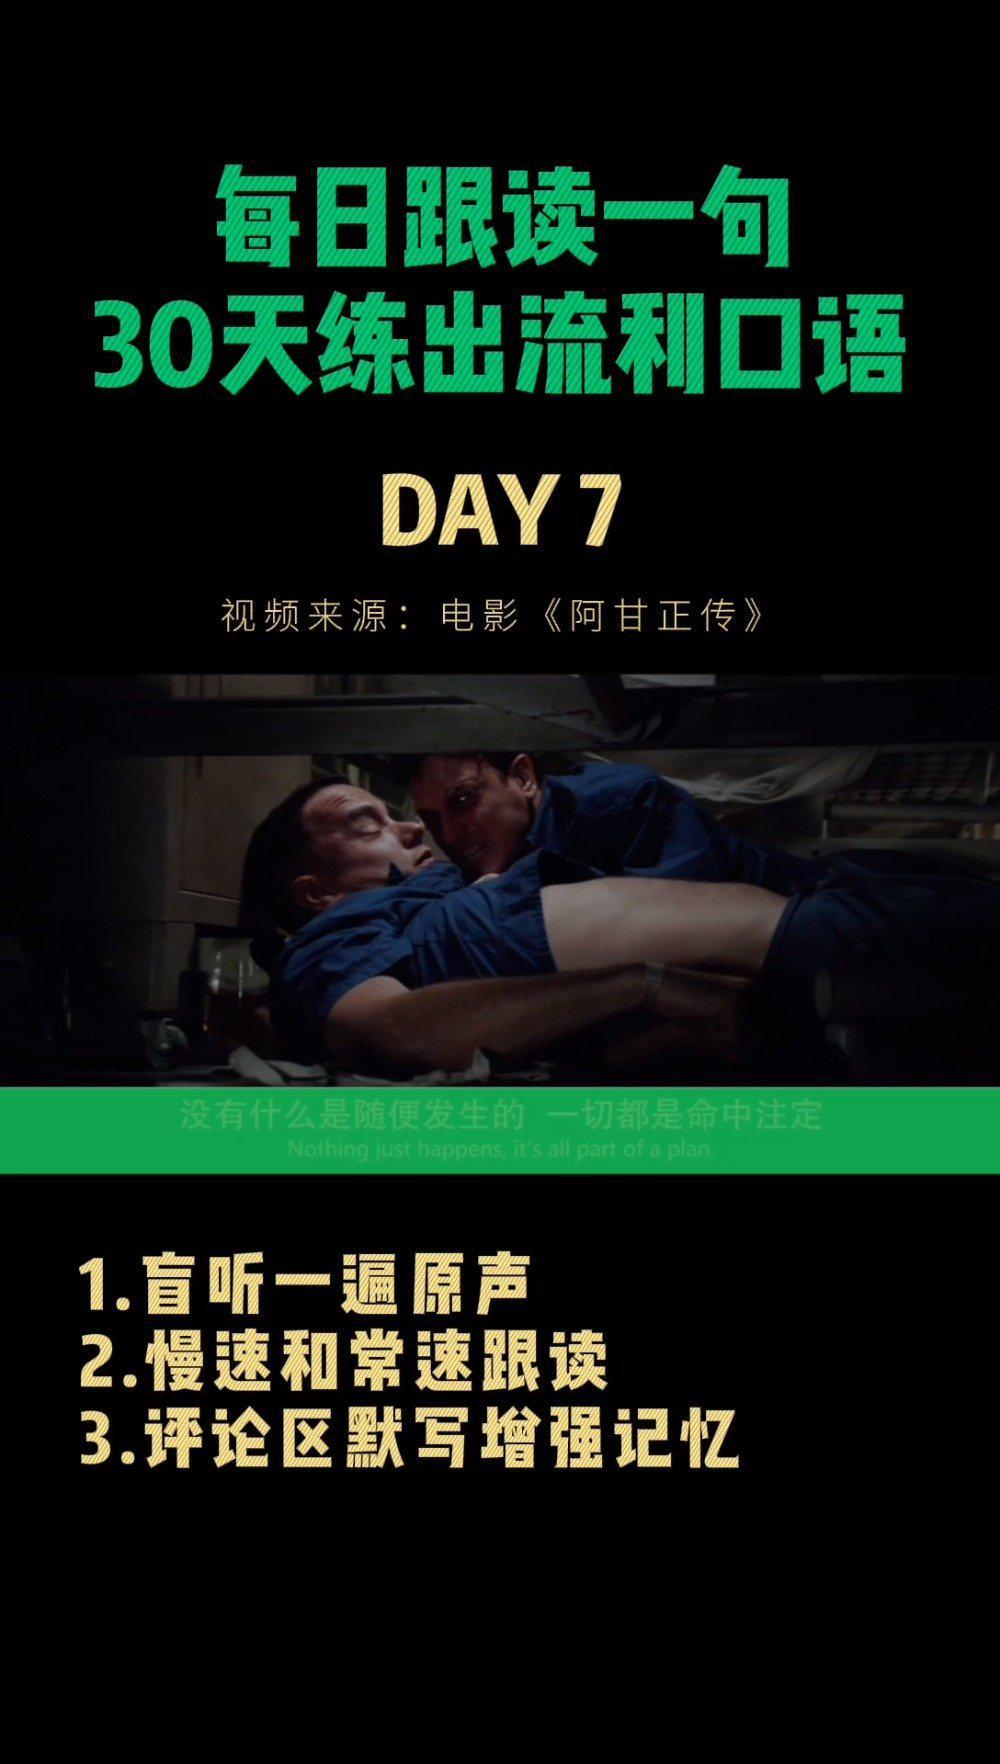 「每日一句口语练习day7」今天的口语打卡